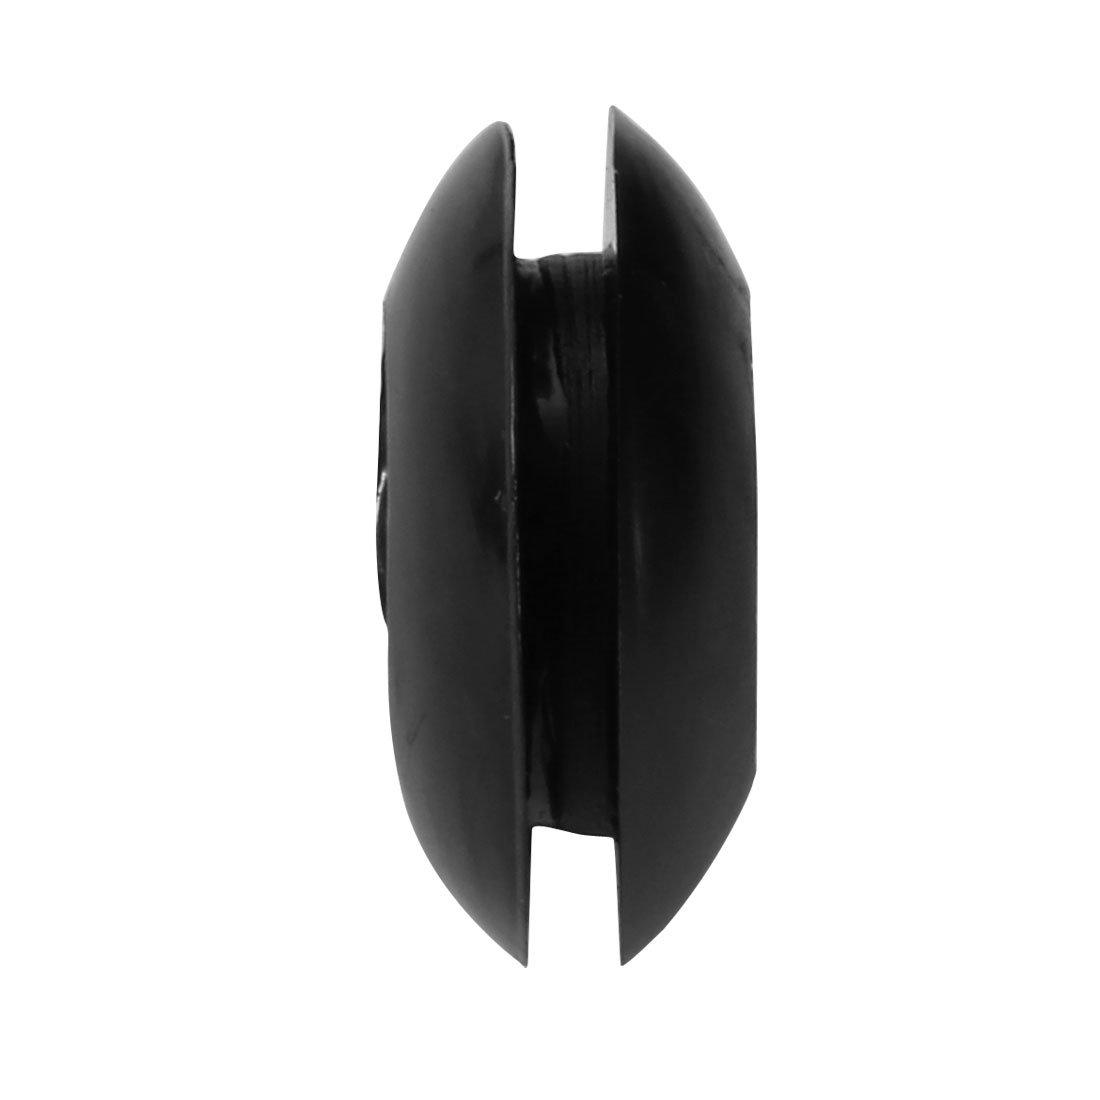 Craftsman168 Lot de 385 vis cruciformes M3 avec /écrous vis /à t/ête cylindrique en acier inoxydable pour bois inclus M3 x 5, M3 x 6, M3 x 8, M3 x 10, M3 x 12, M3 x 14, M3 x 16, M3 x 18, M3 x 20